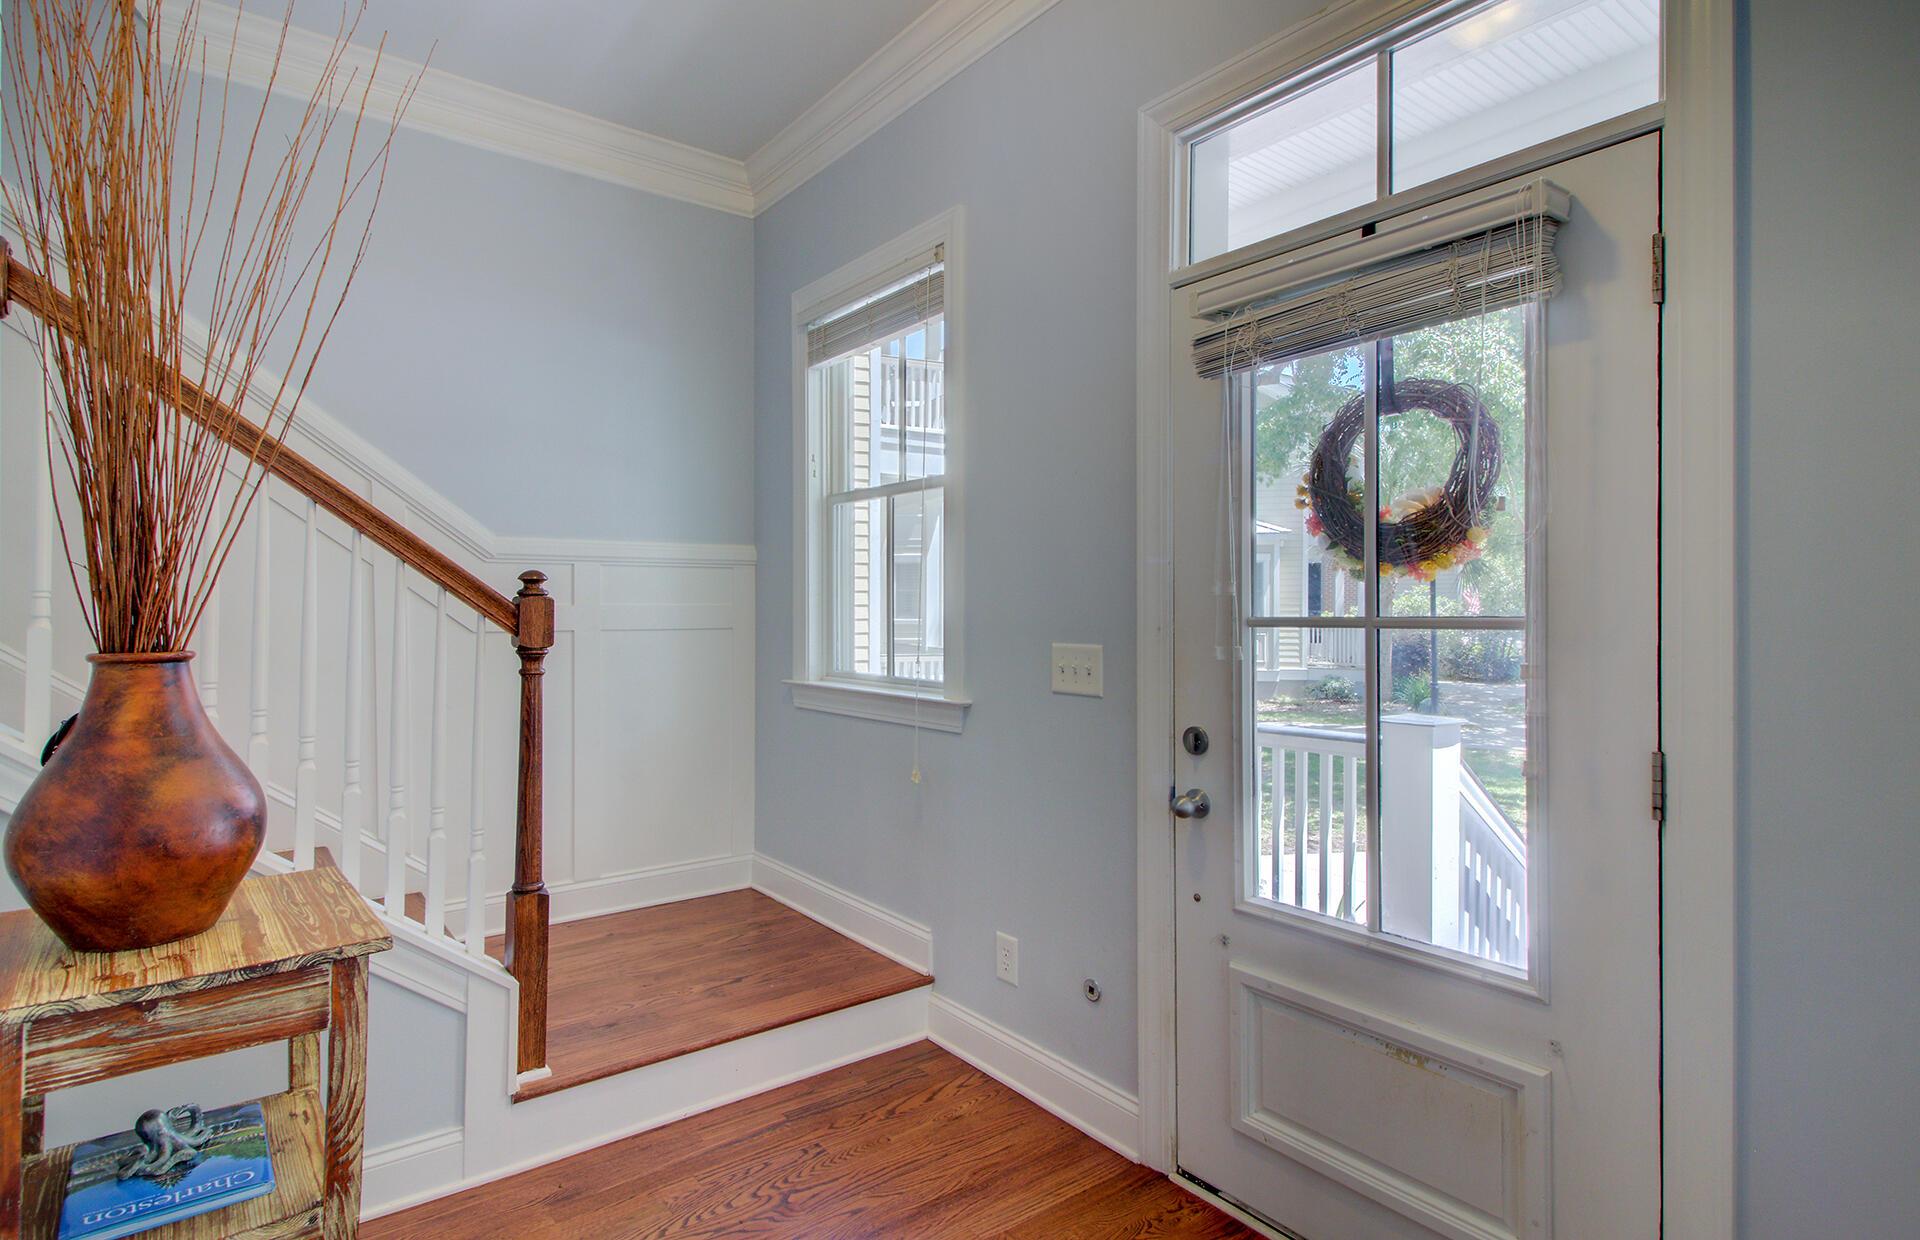 Phillips Park Homes For Sale - 1129 Phillips Park, Mount Pleasant, SC - 28